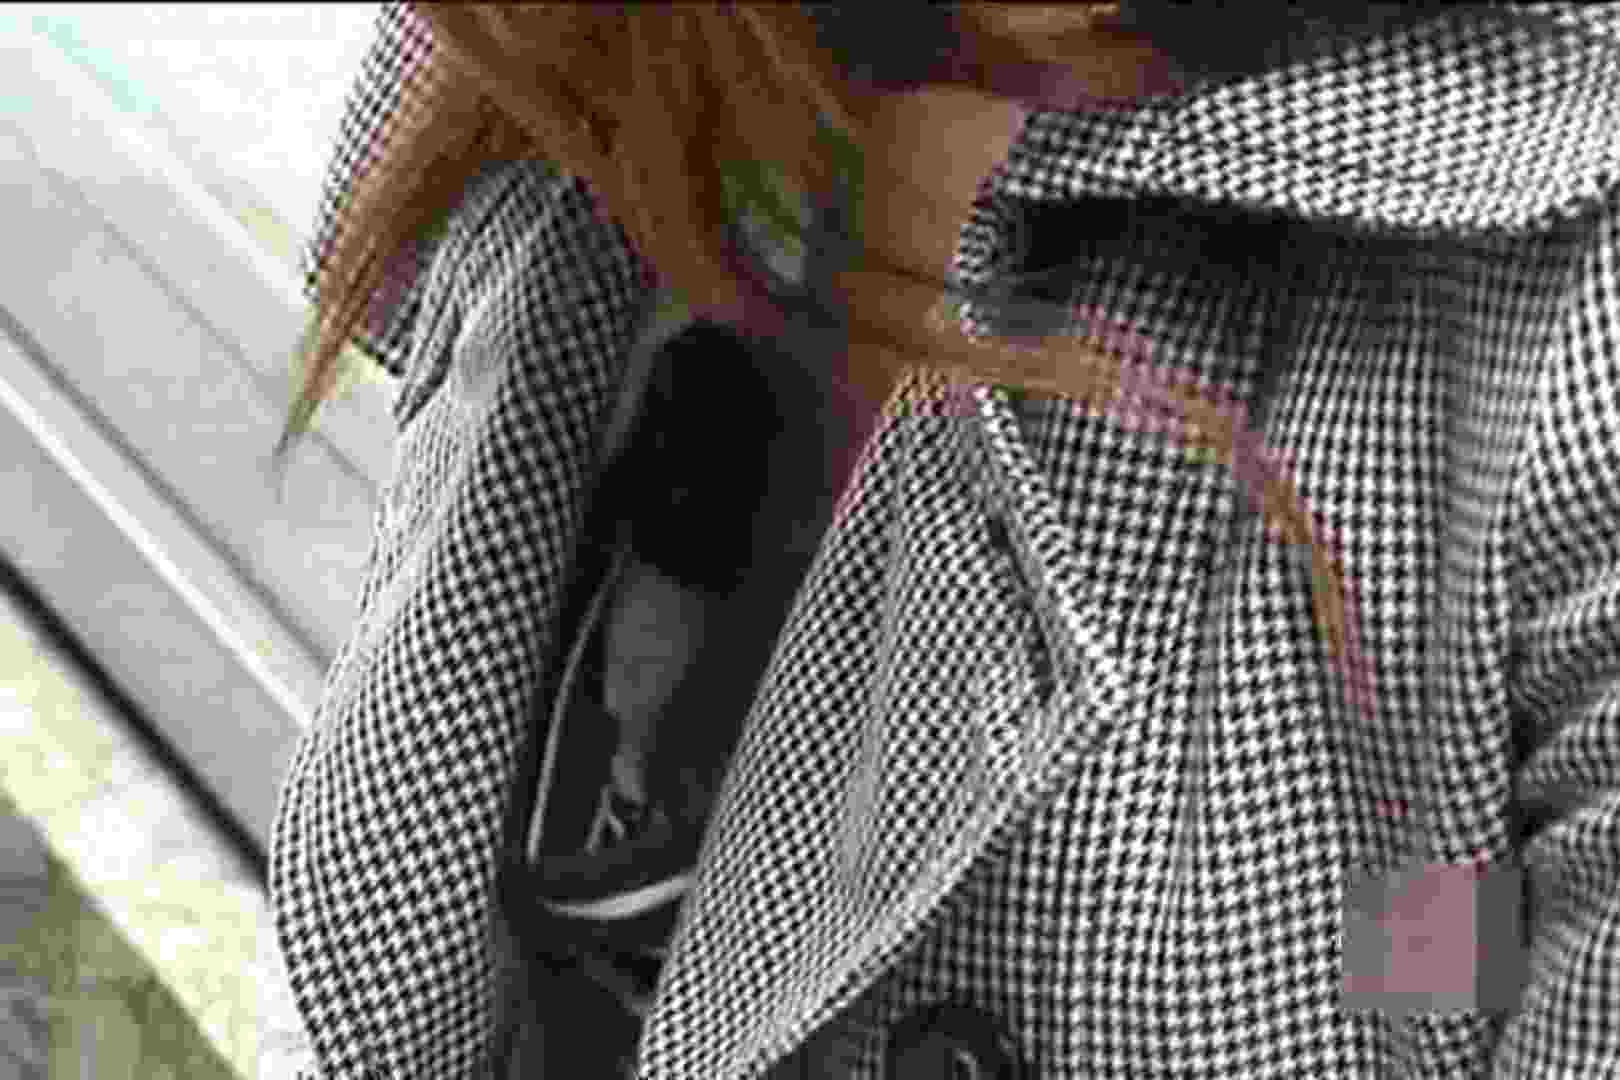 大胆露出胸チラギャル大量発生中!!Vol.3 美しいOLの裸体 すけべAV動画紹介 88pic 47